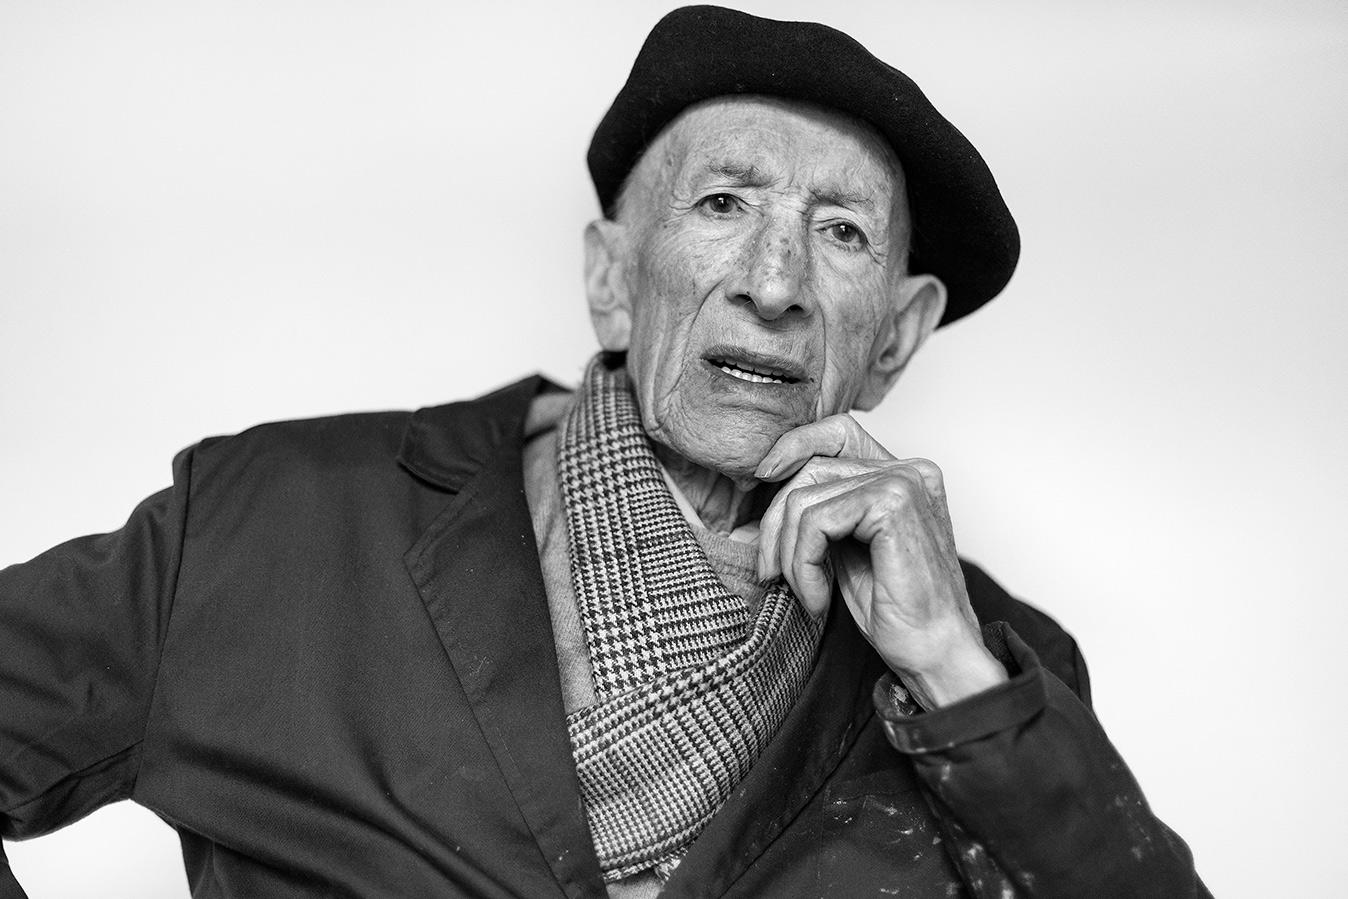 Mariano Vázquez Andueza